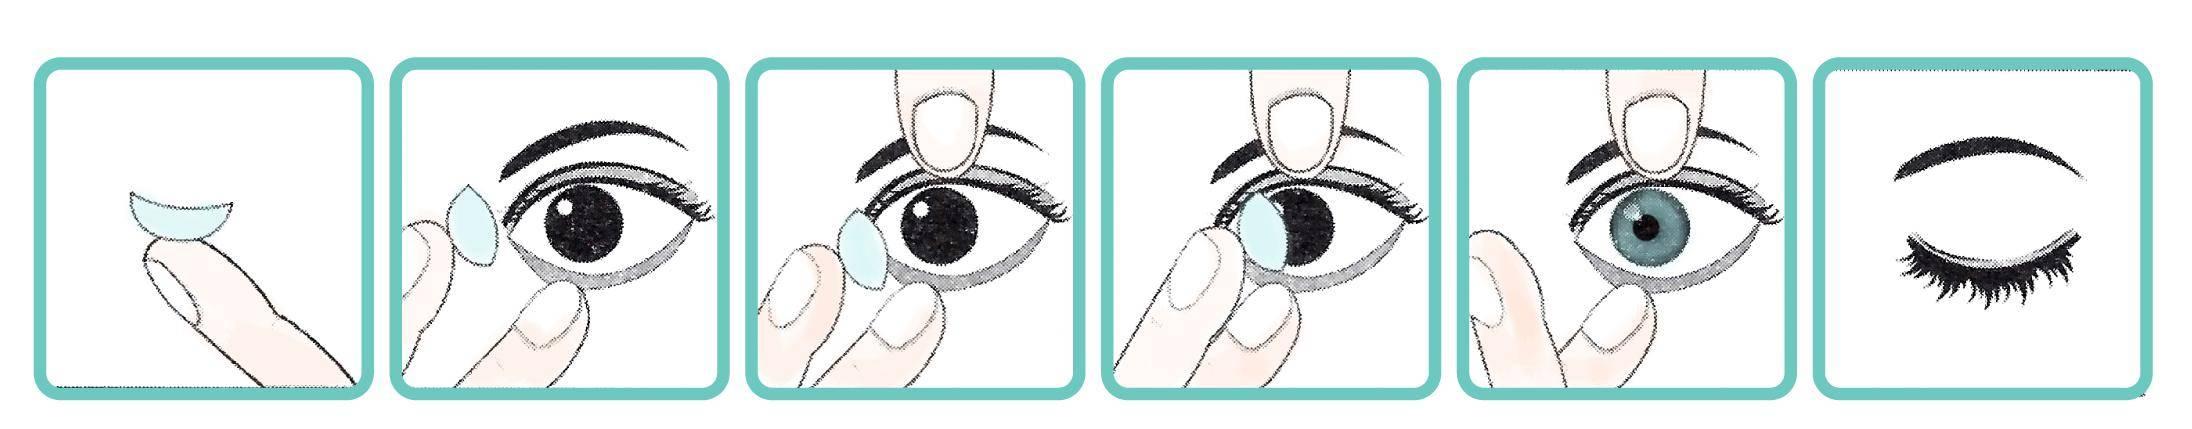 Как надевать линзы первый раз? как снимать и надевать линзы